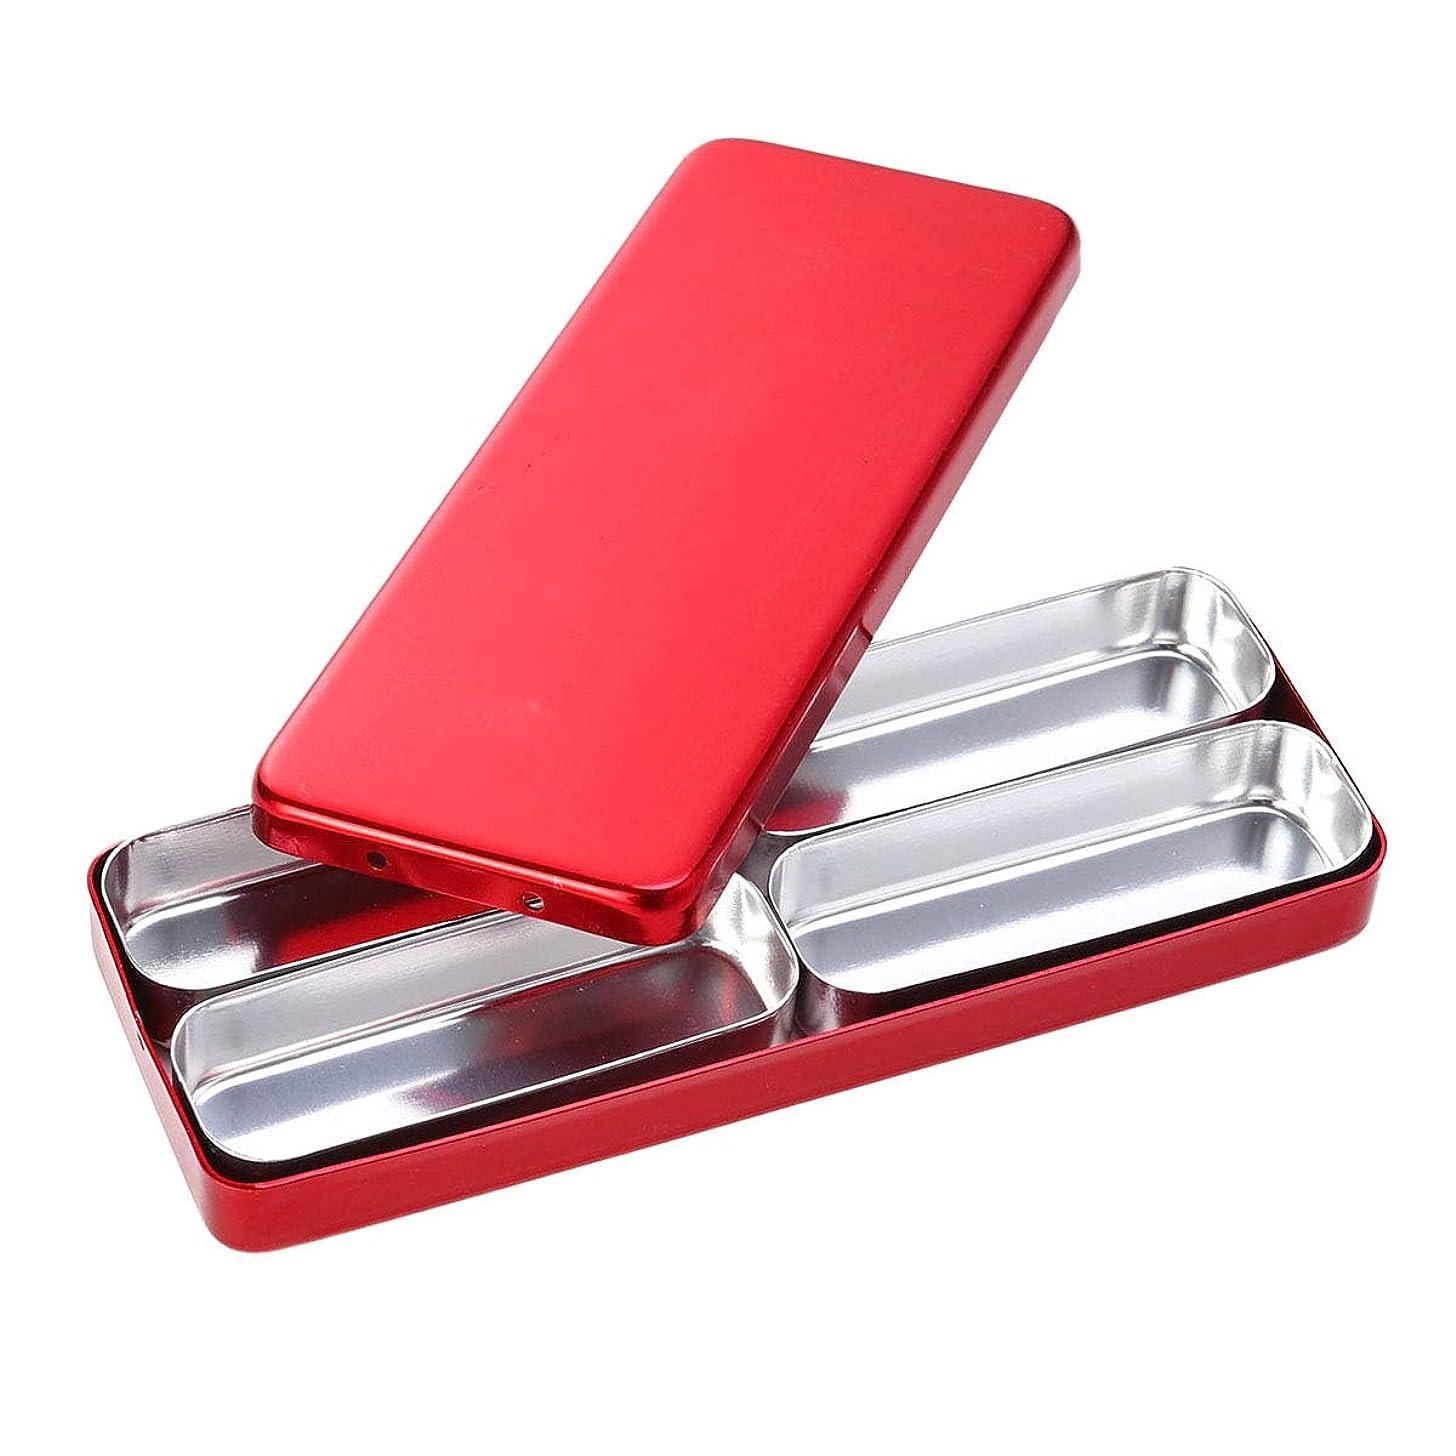 農業のアラート実業家SUPVOX 歯科殺菌箱の棚アルミニウム外科殺菌箱の消毒カセット